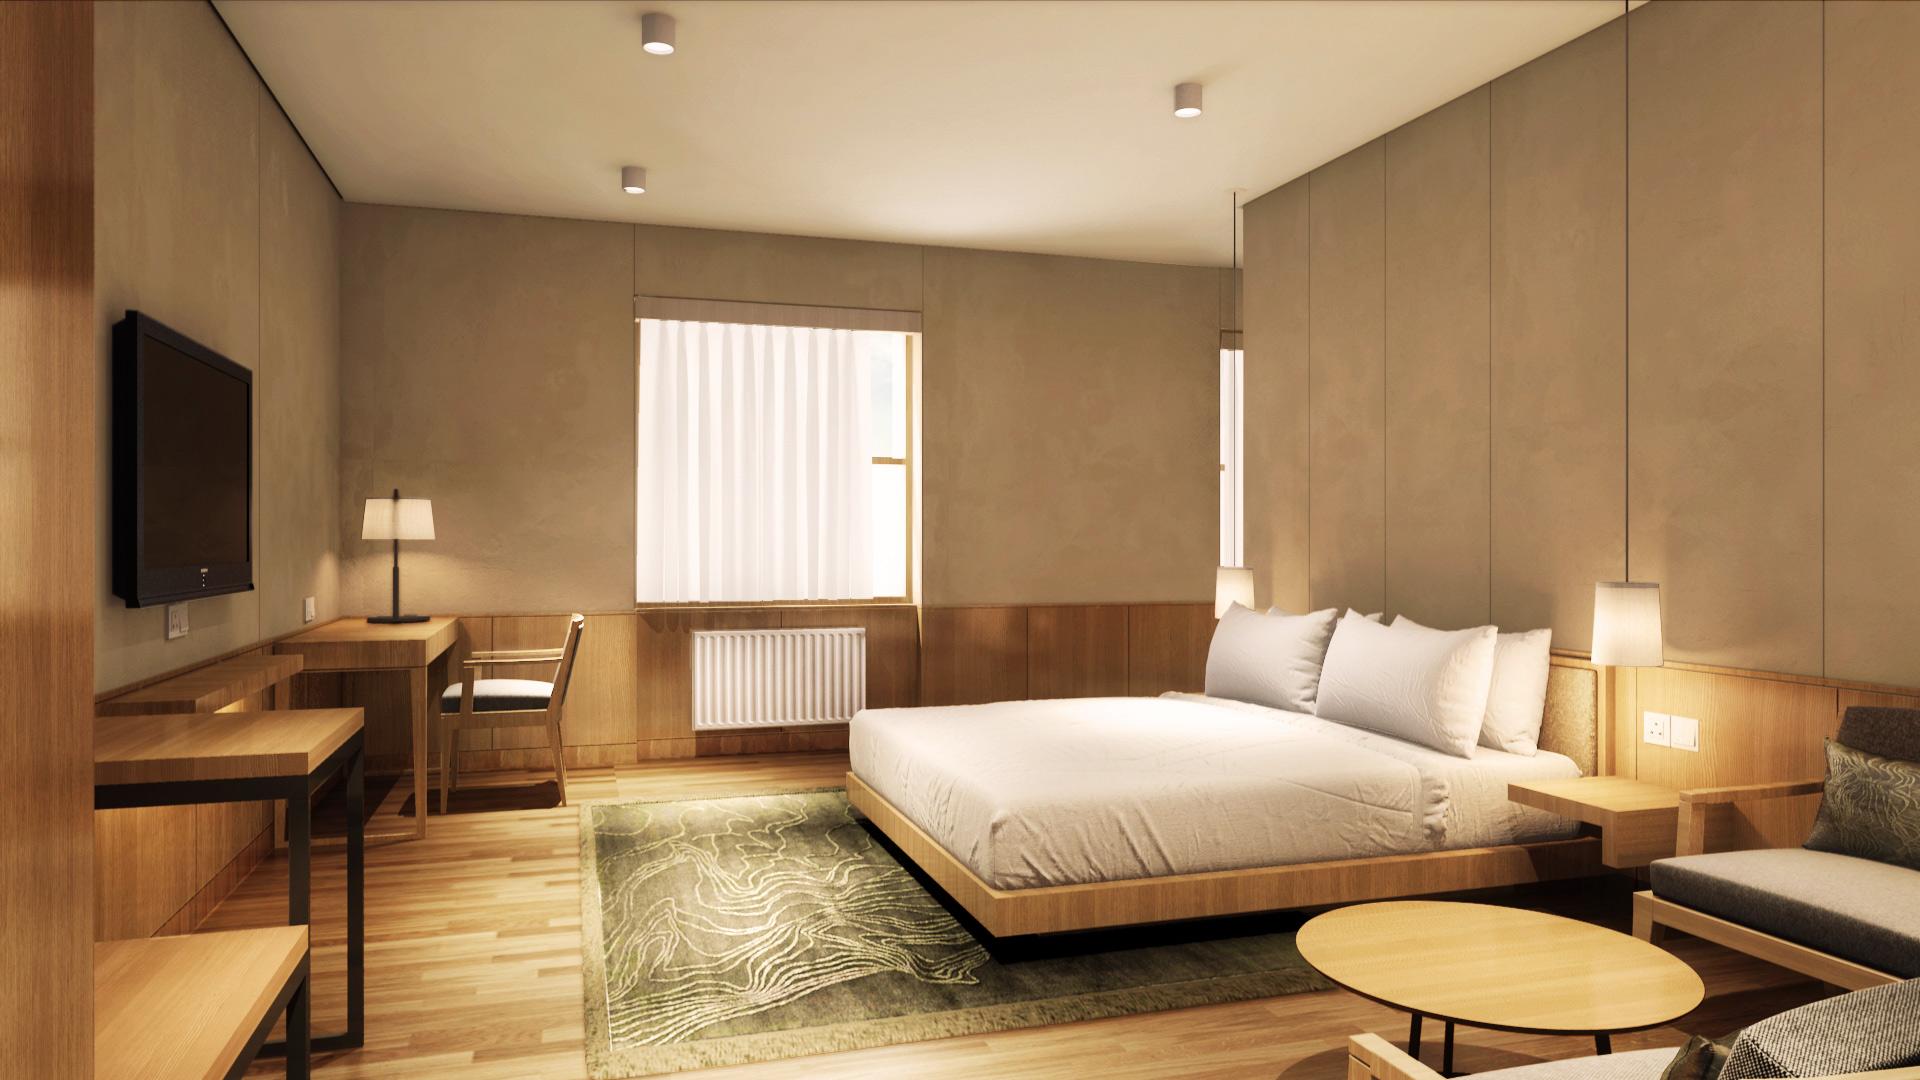 Hotel-Room2-Cam1.jpg